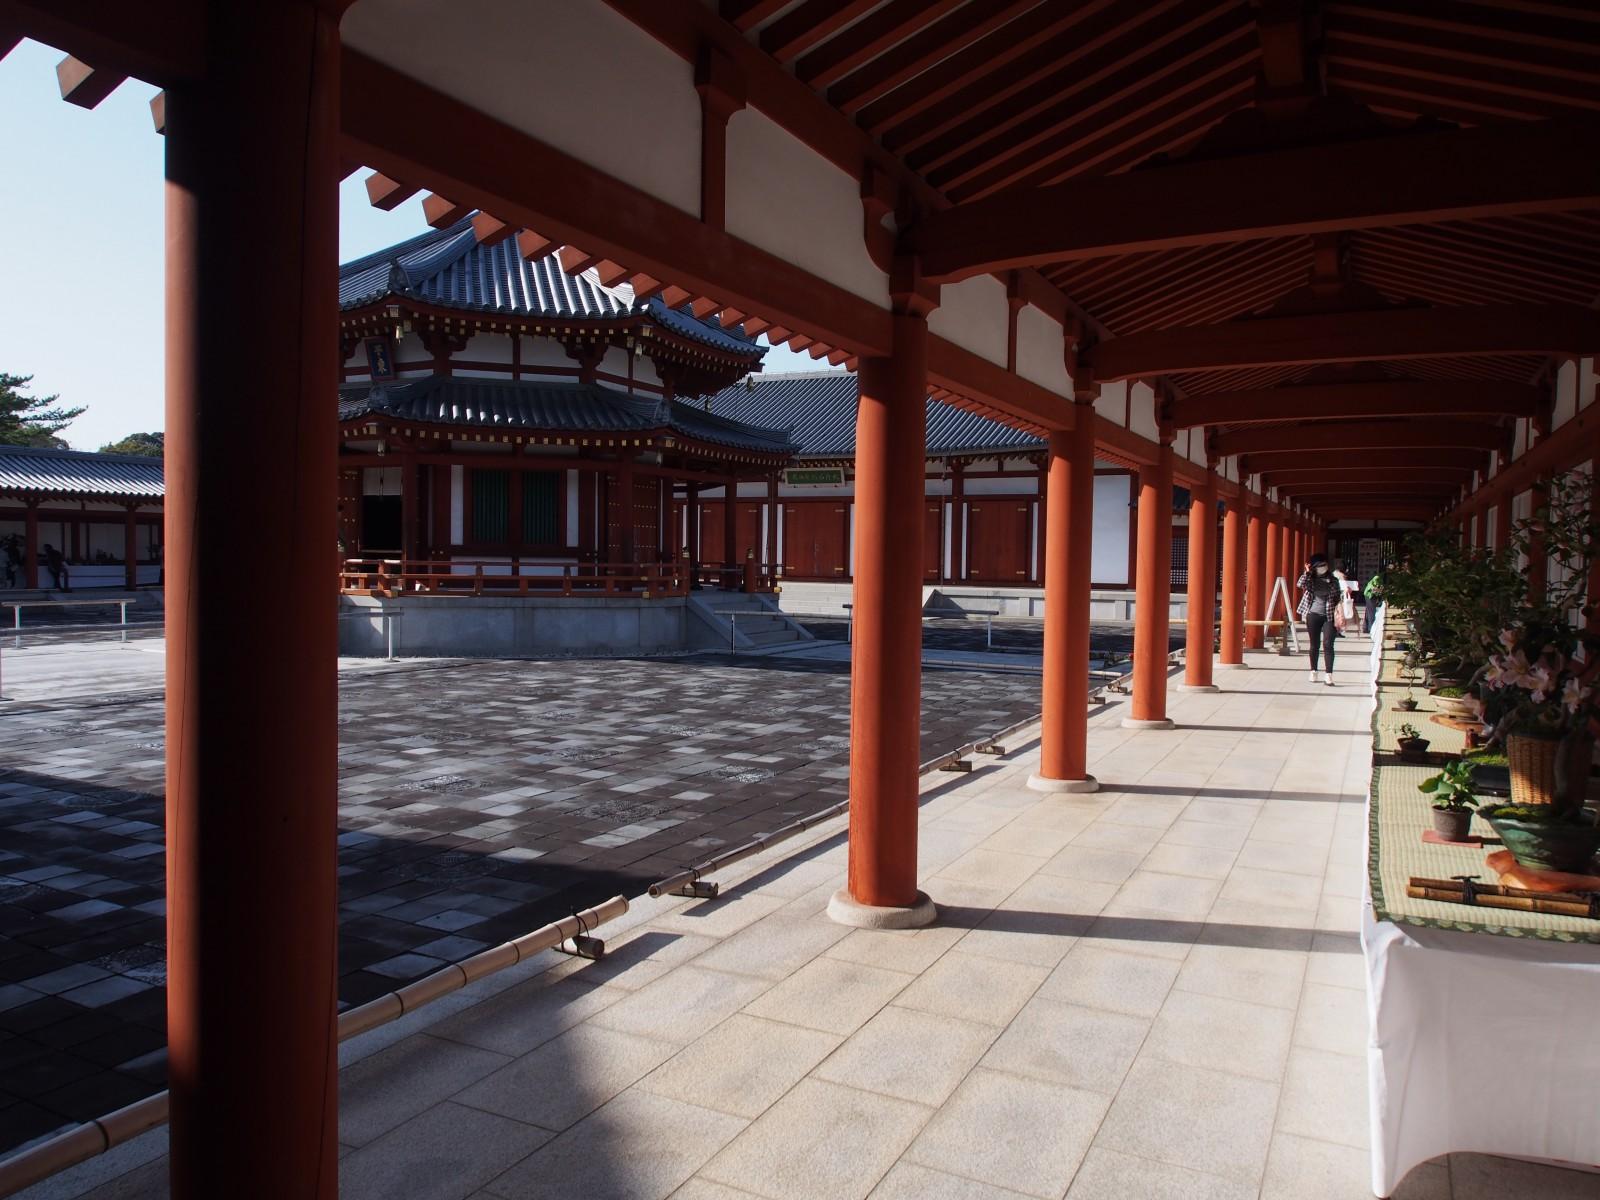 玄奘三蔵院伽藍の回廊部分